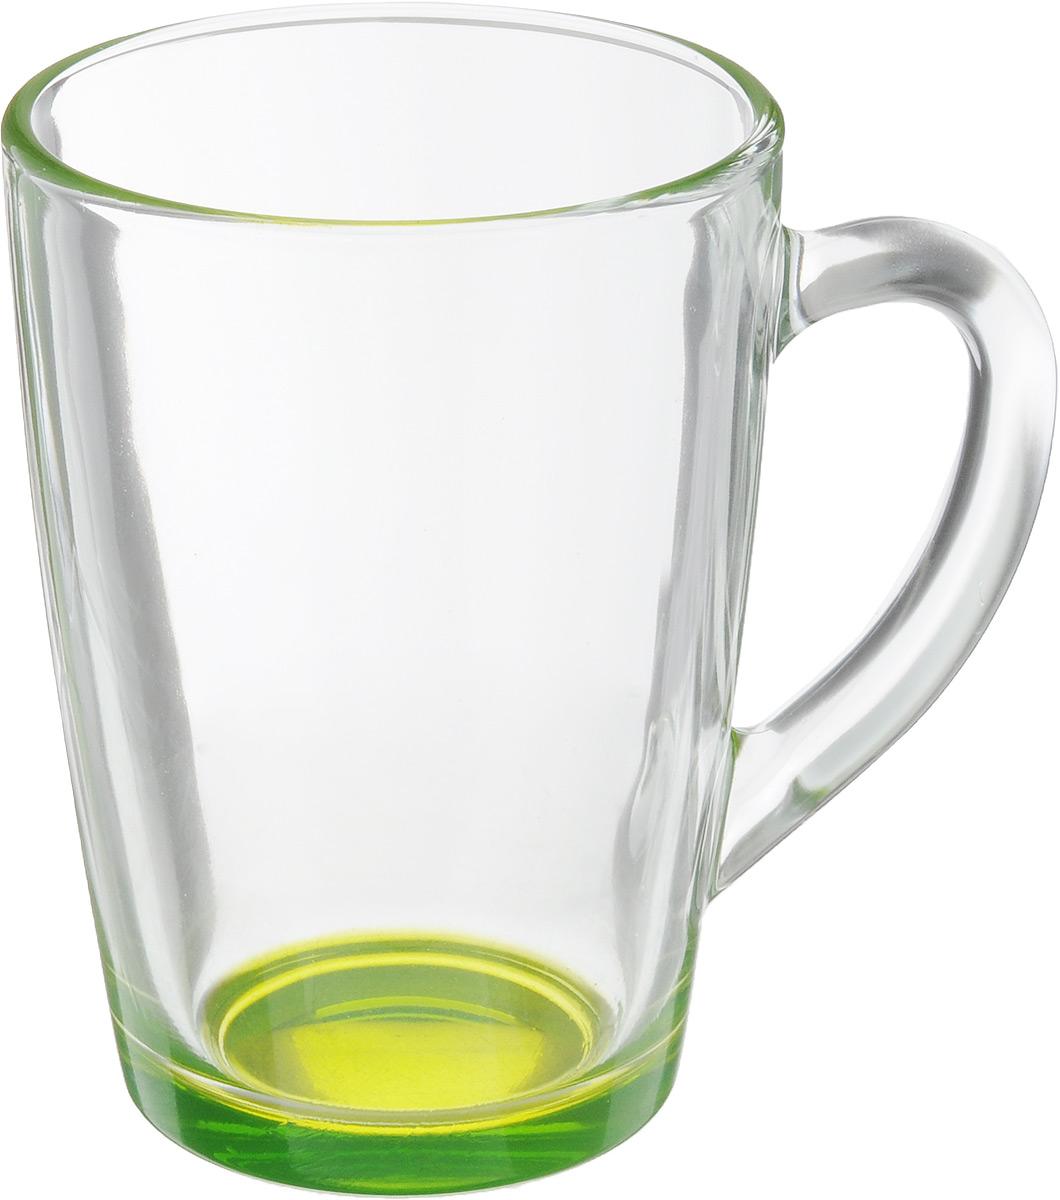 Кружка OSZ Капучино, цвет: прозрачный, салатовый, 300 мл. 07C1334LM115510Кружка OSZ Капучино изготовлена из стекла двух цветов. Изделие идеально подходит для сервировки стола.Кружка не только украсит ваш кухонный стол, но и подчеркнет прекрасный вкус хозяйки. Диаметр кружки (по верхнему краю): 8 см. Высота кружки: 11 см. Объем кружки: 300 мл.